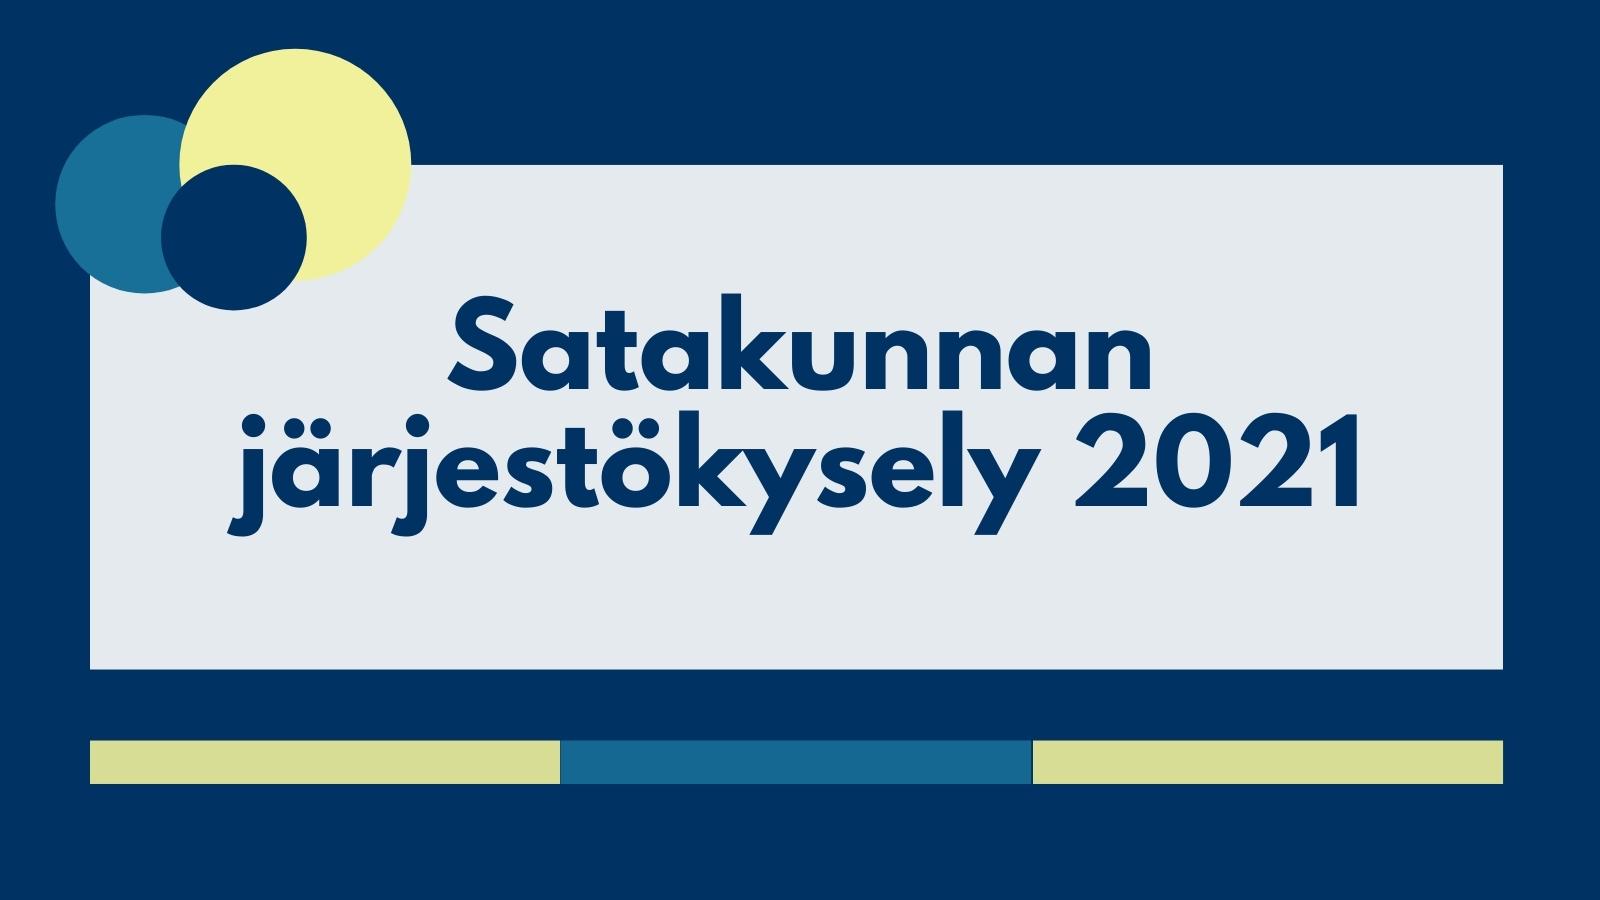 Satakunnan järjestökysely 2021